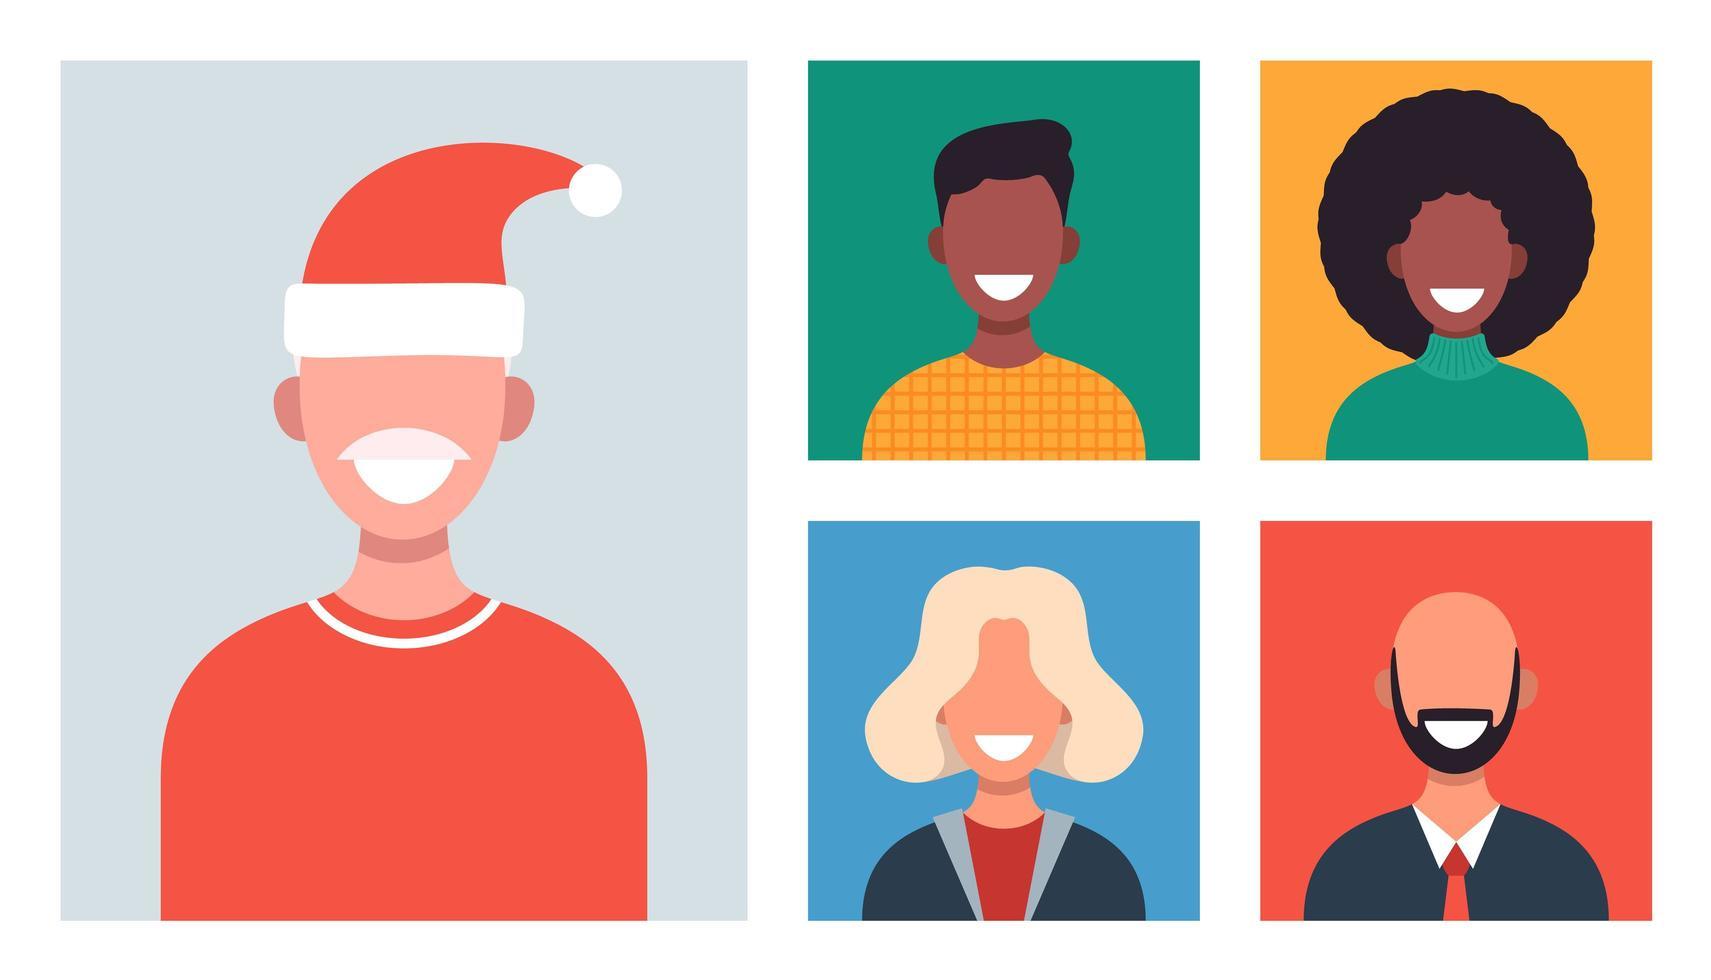 fenêtres Web avec différentes personnes discutant par vidéoconférence. des hommes et des femmes souriants travaillent et communiquent à distance. réunion de famille ou d'amis de Noël en ligne. illustration vectorielle au design plat vecteur